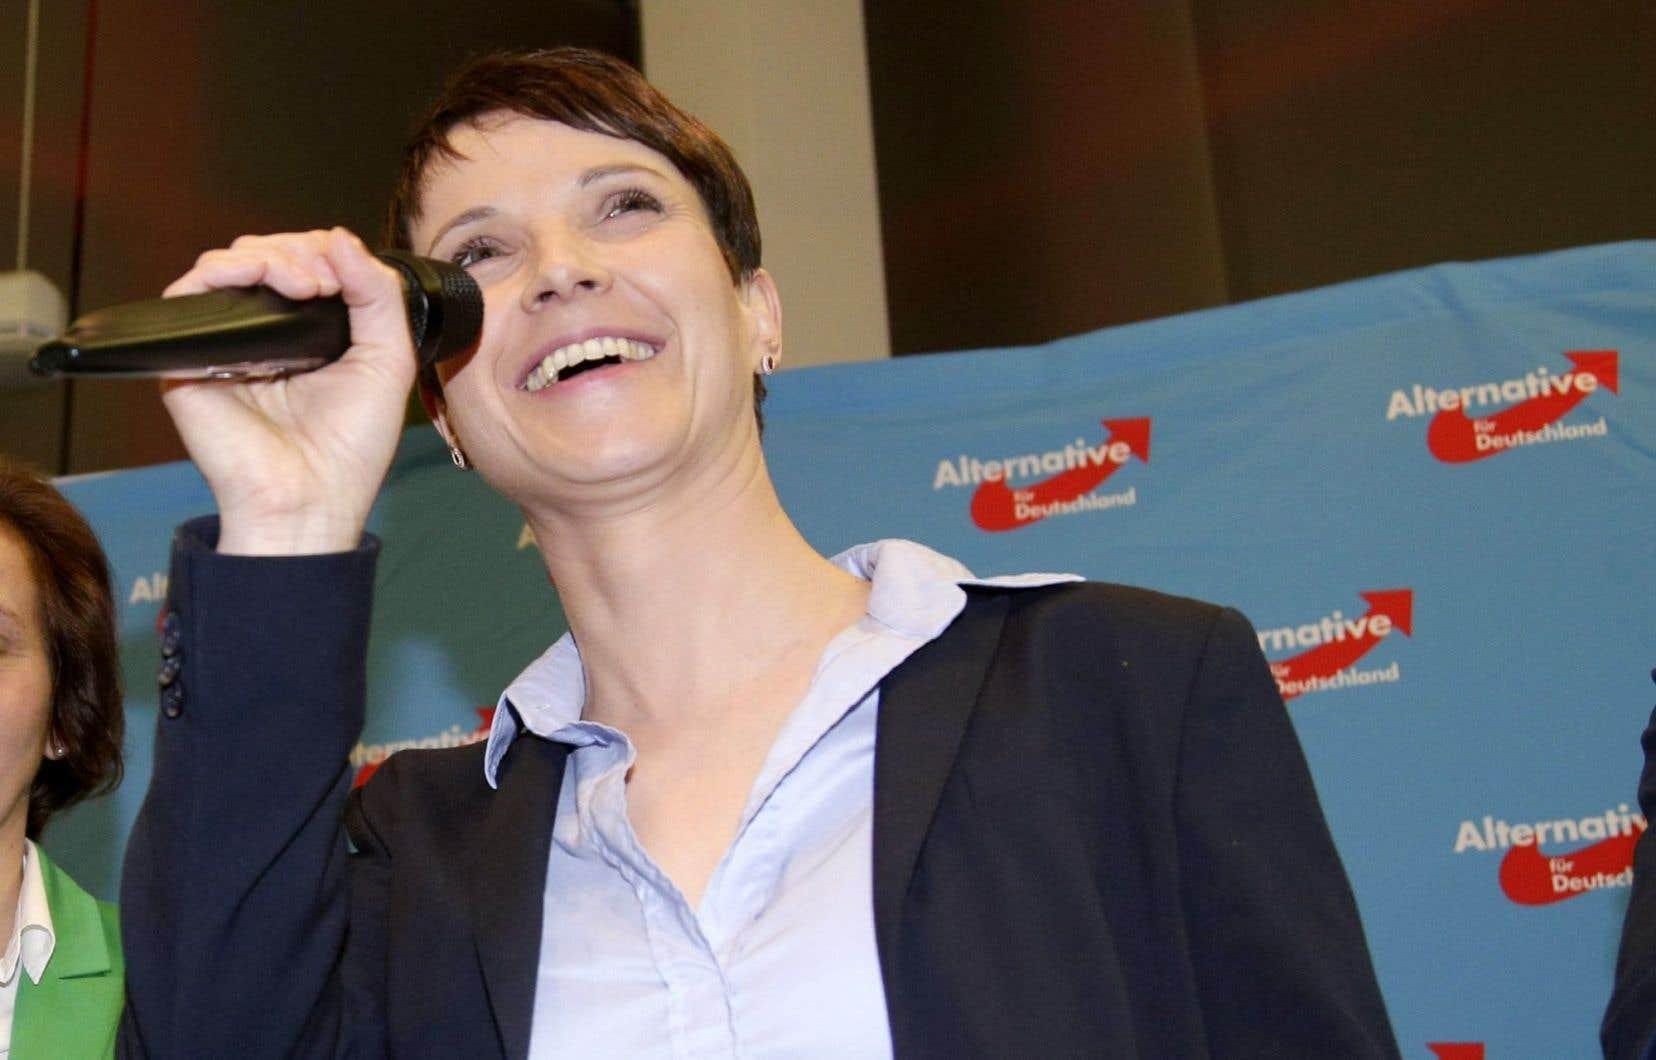 Frauke Petry, chef du parti Alternative für Deutschland